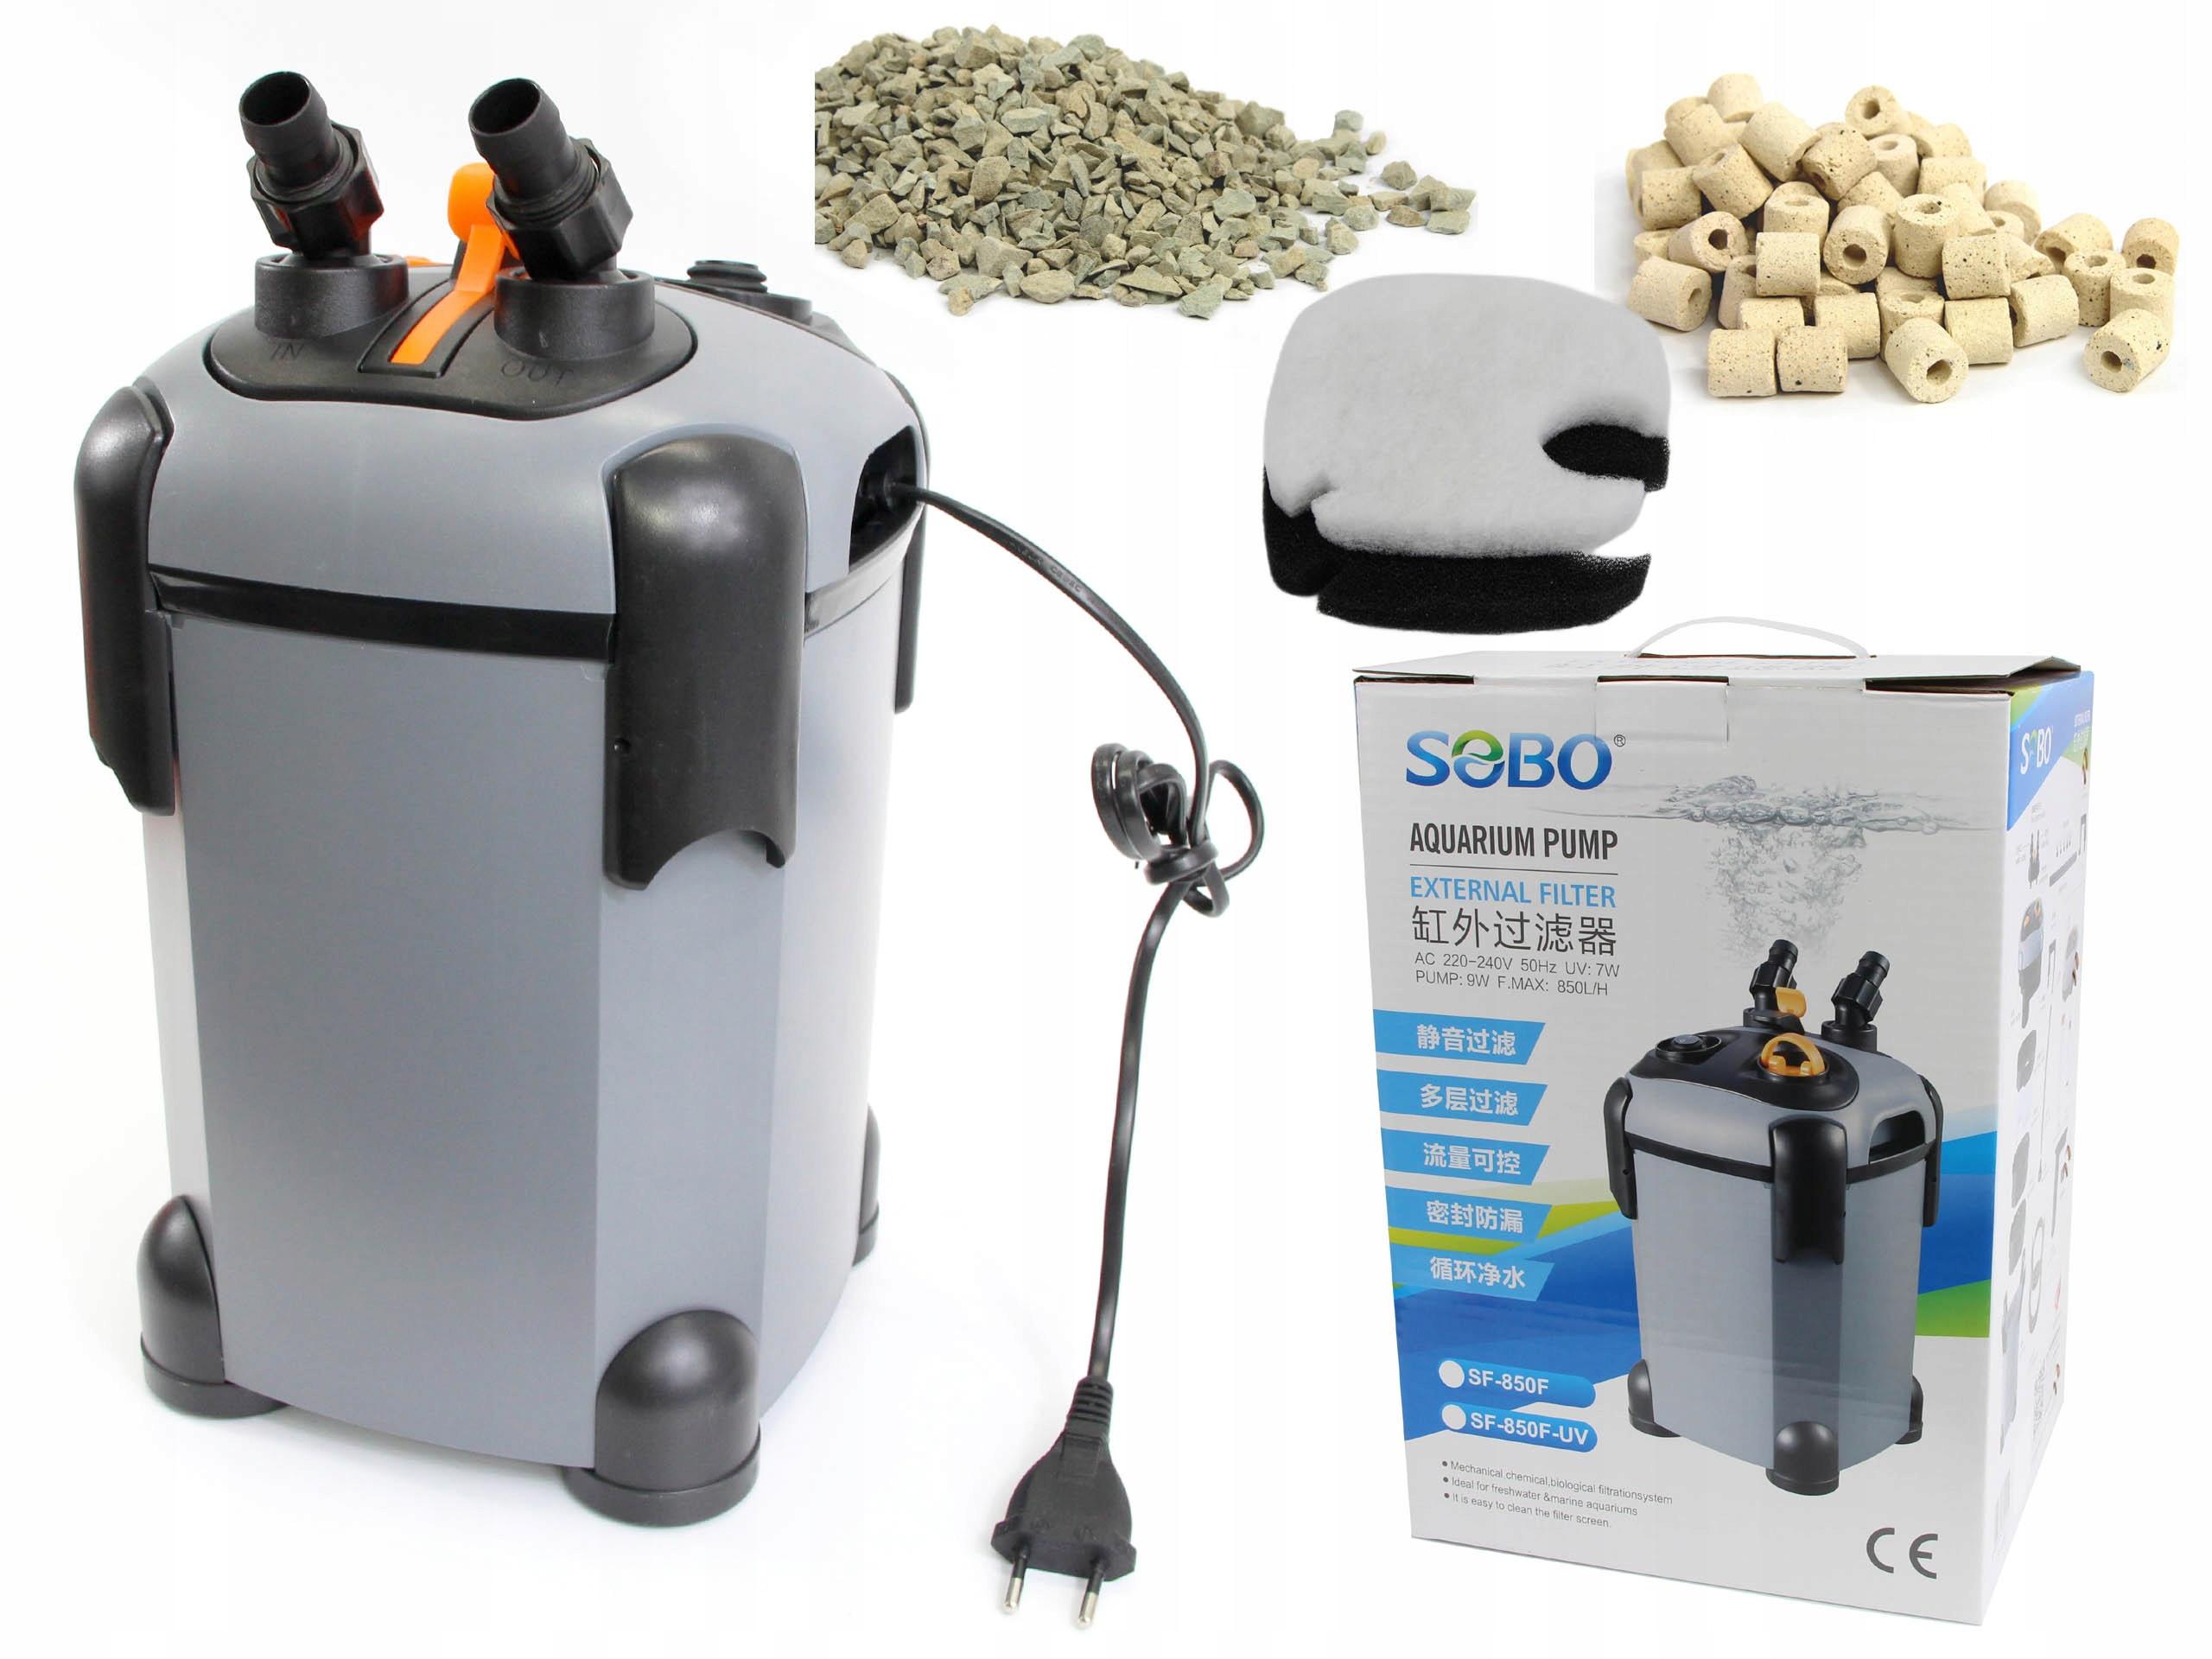 SOBO FILTR ZEWNĘTRZNY SF-850-UV LAMPA 7W AKWARIUM